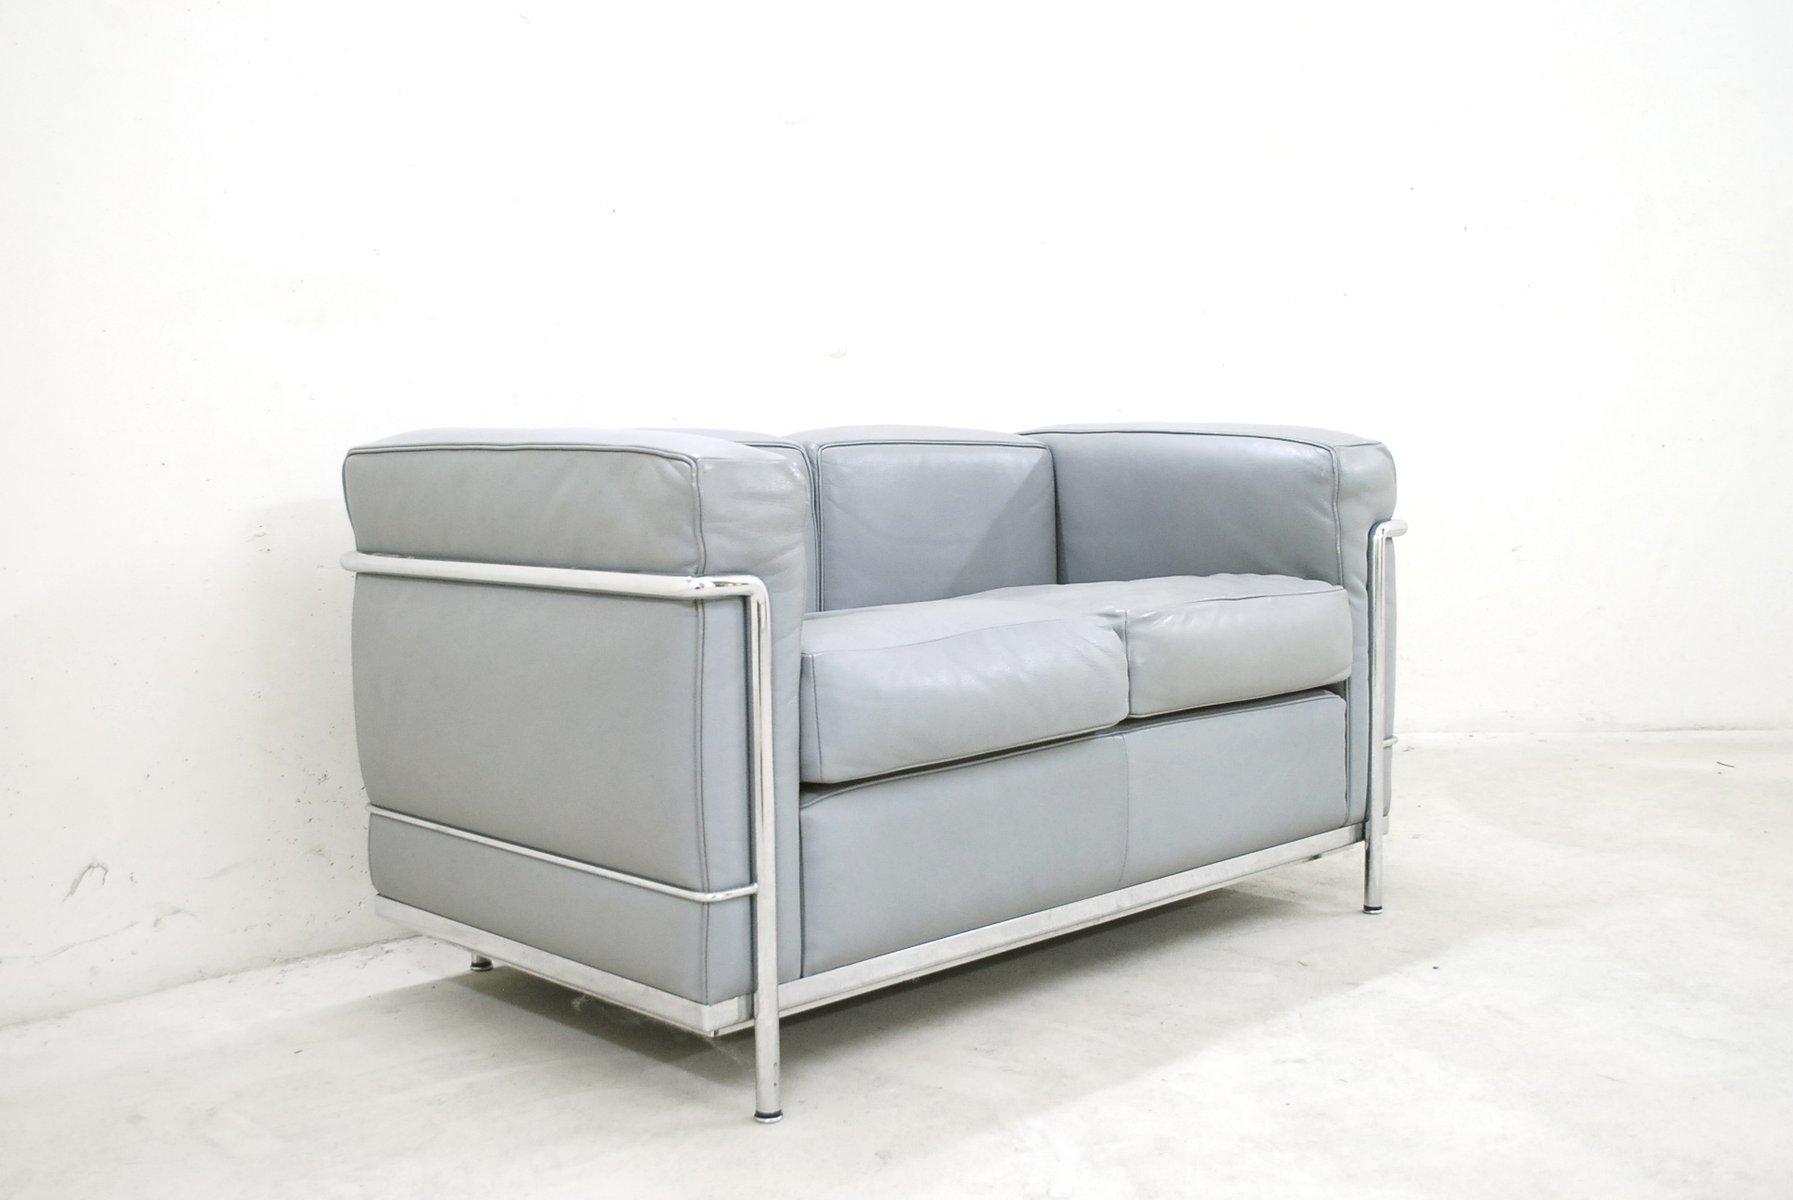 canap lc2 en cuir par le corbusier pour cassina 1985 en vente sur pamono. Black Bedroom Furniture Sets. Home Design Ideas